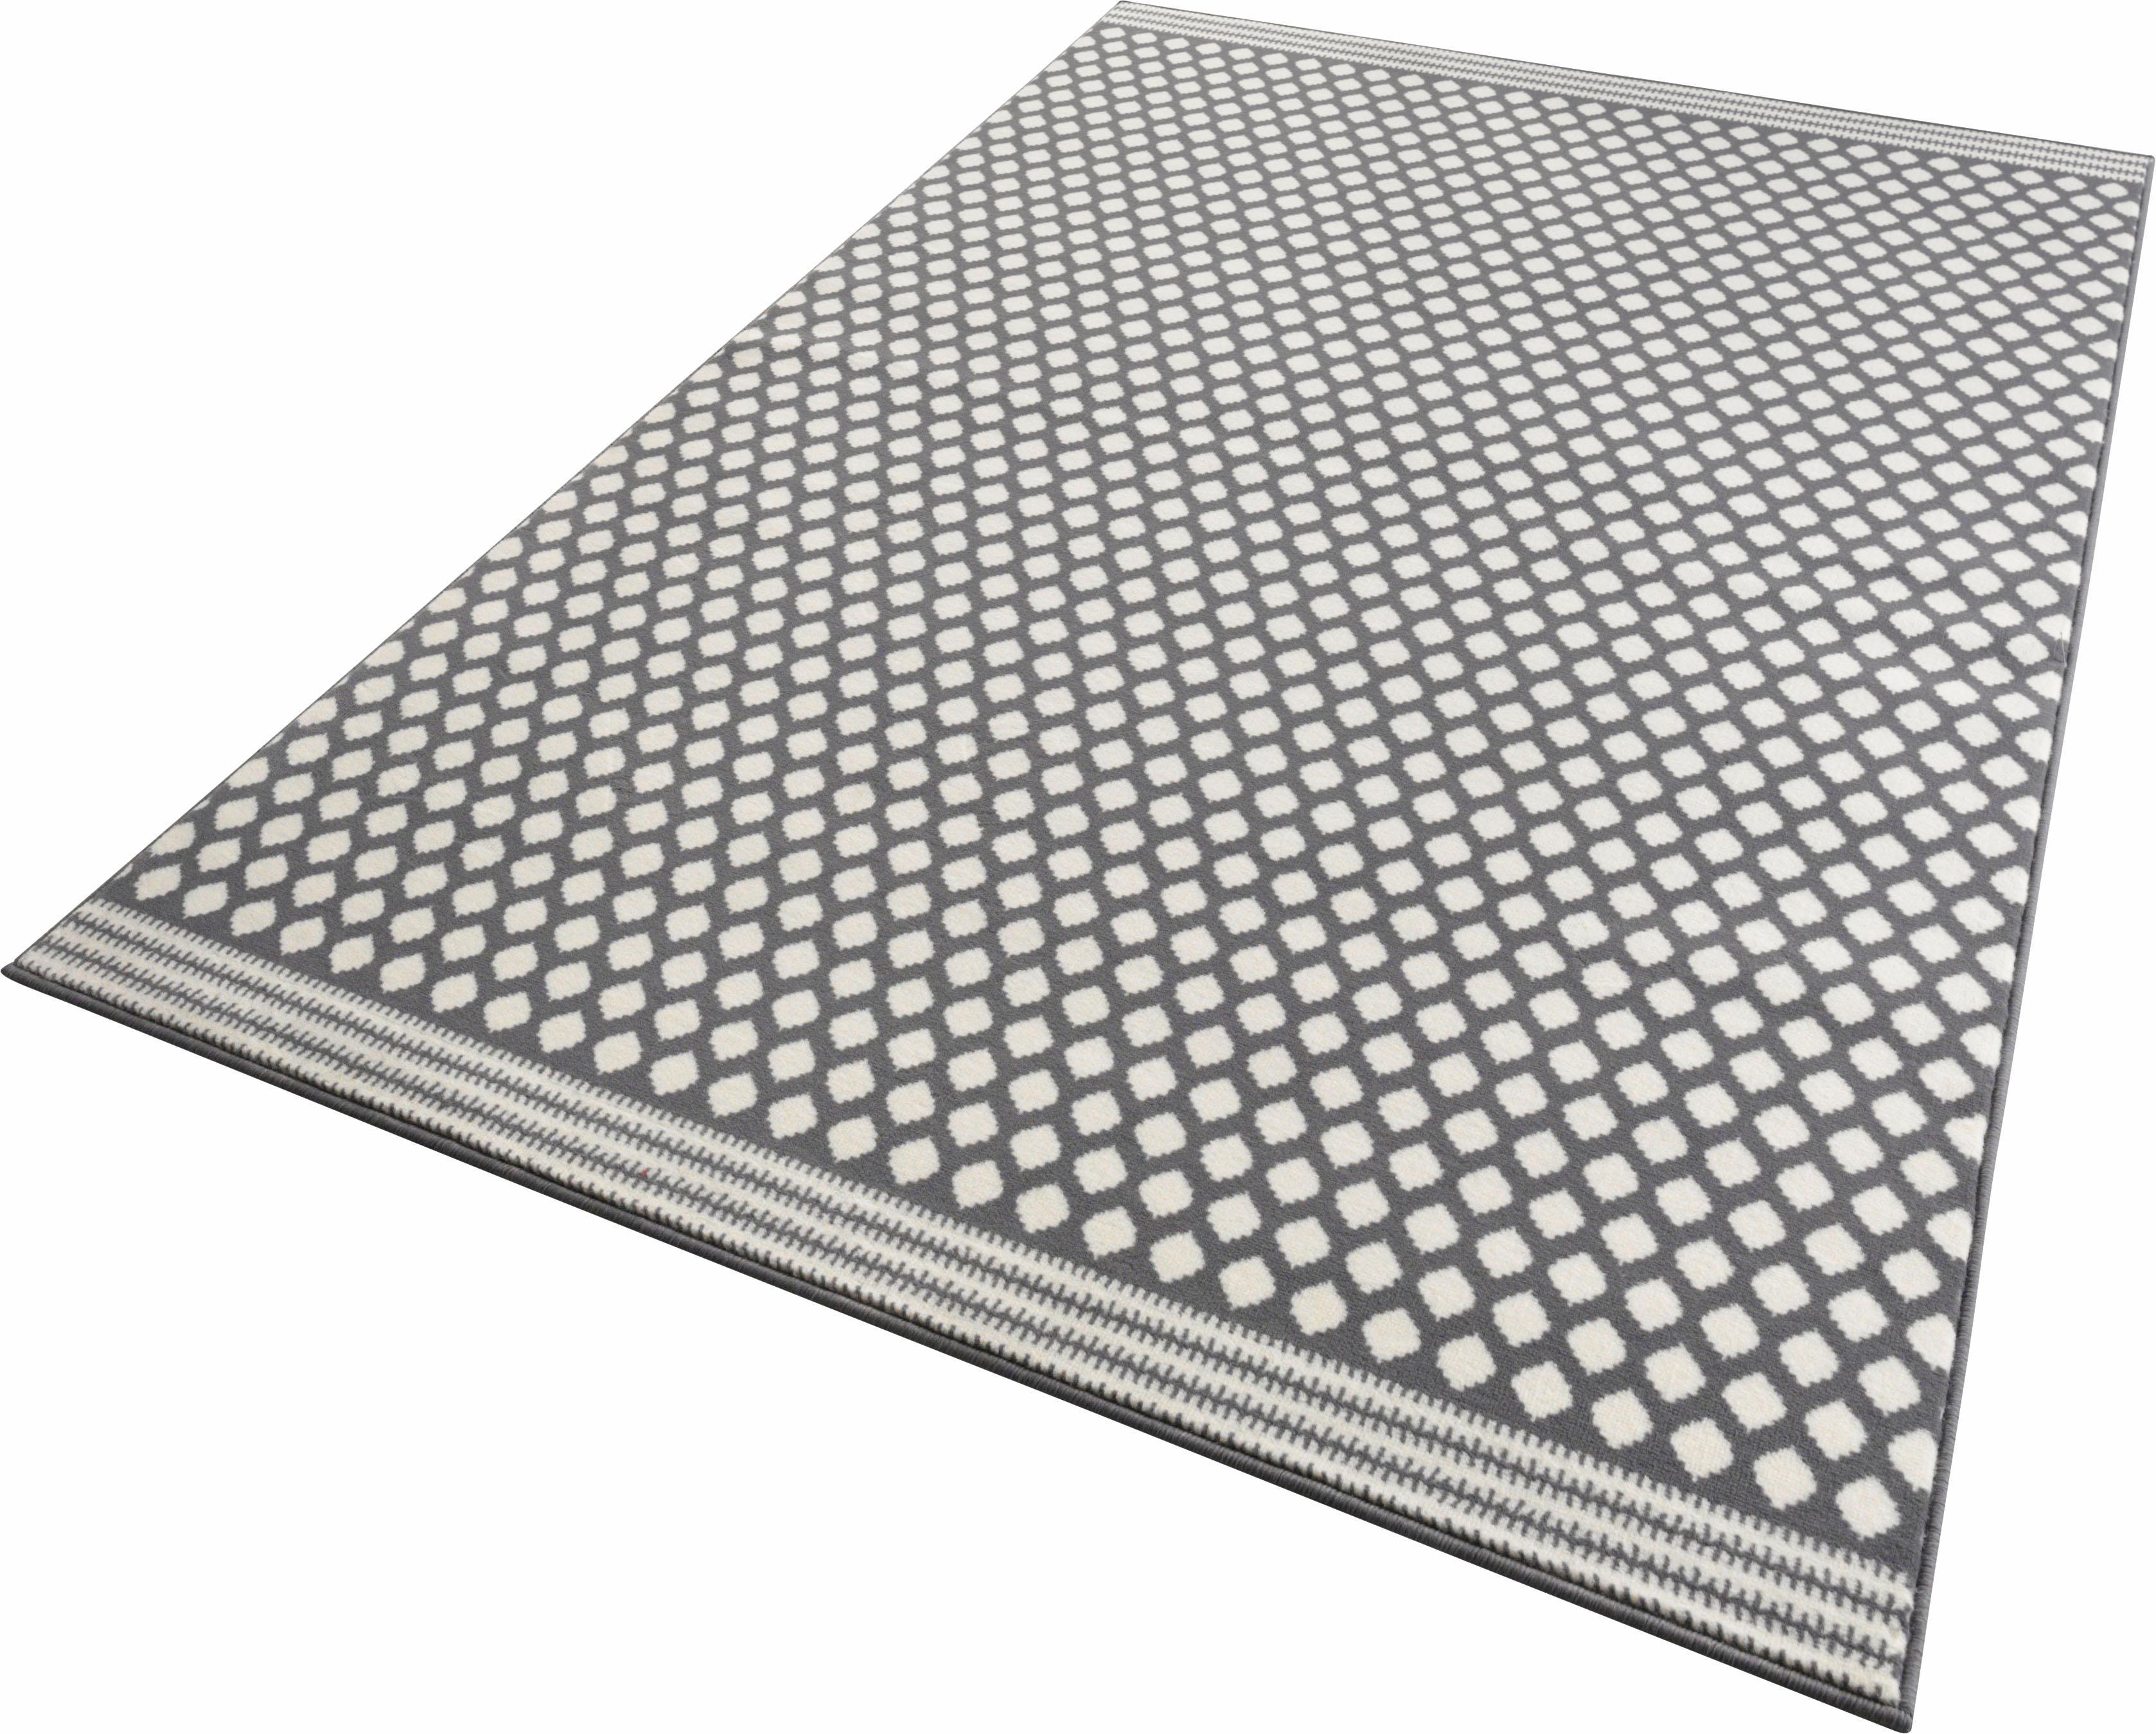 Teppich Spot Zala Living rechteckig Höhe 9 mm